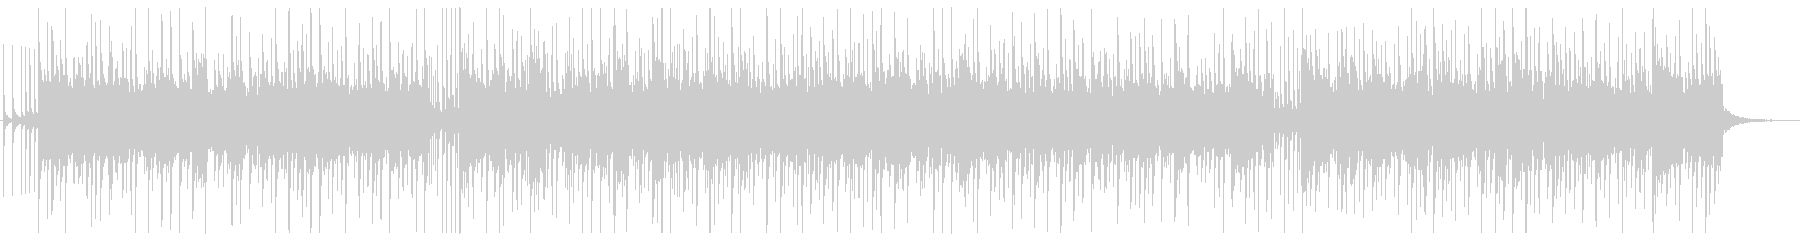 軽薄な感じのBGM ♩=130 の未再生の波形